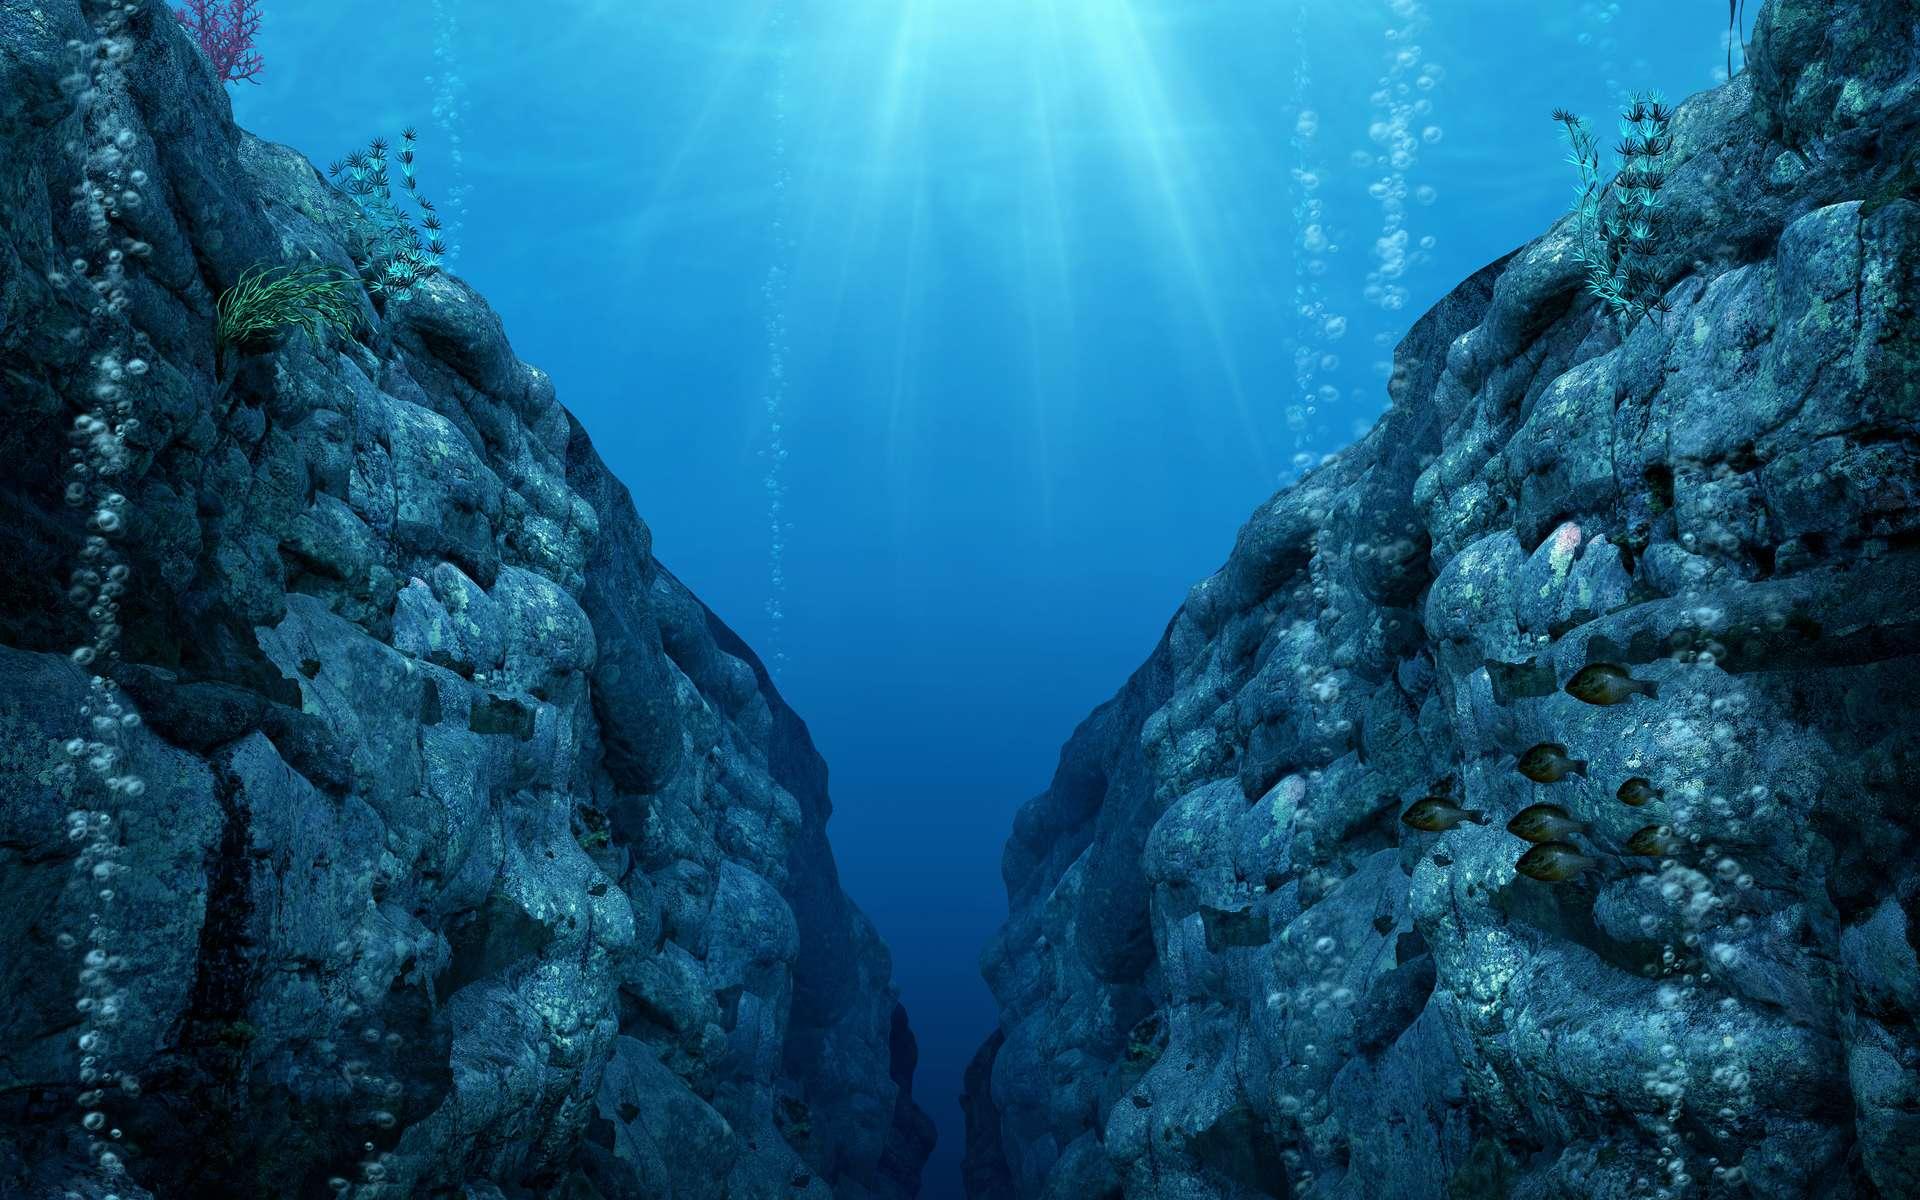 Au cœur de la croûte océanique inférieure, des chercheurs ont décelé de nombreux micro-organismes. © Ratpack223, Adobe Stock